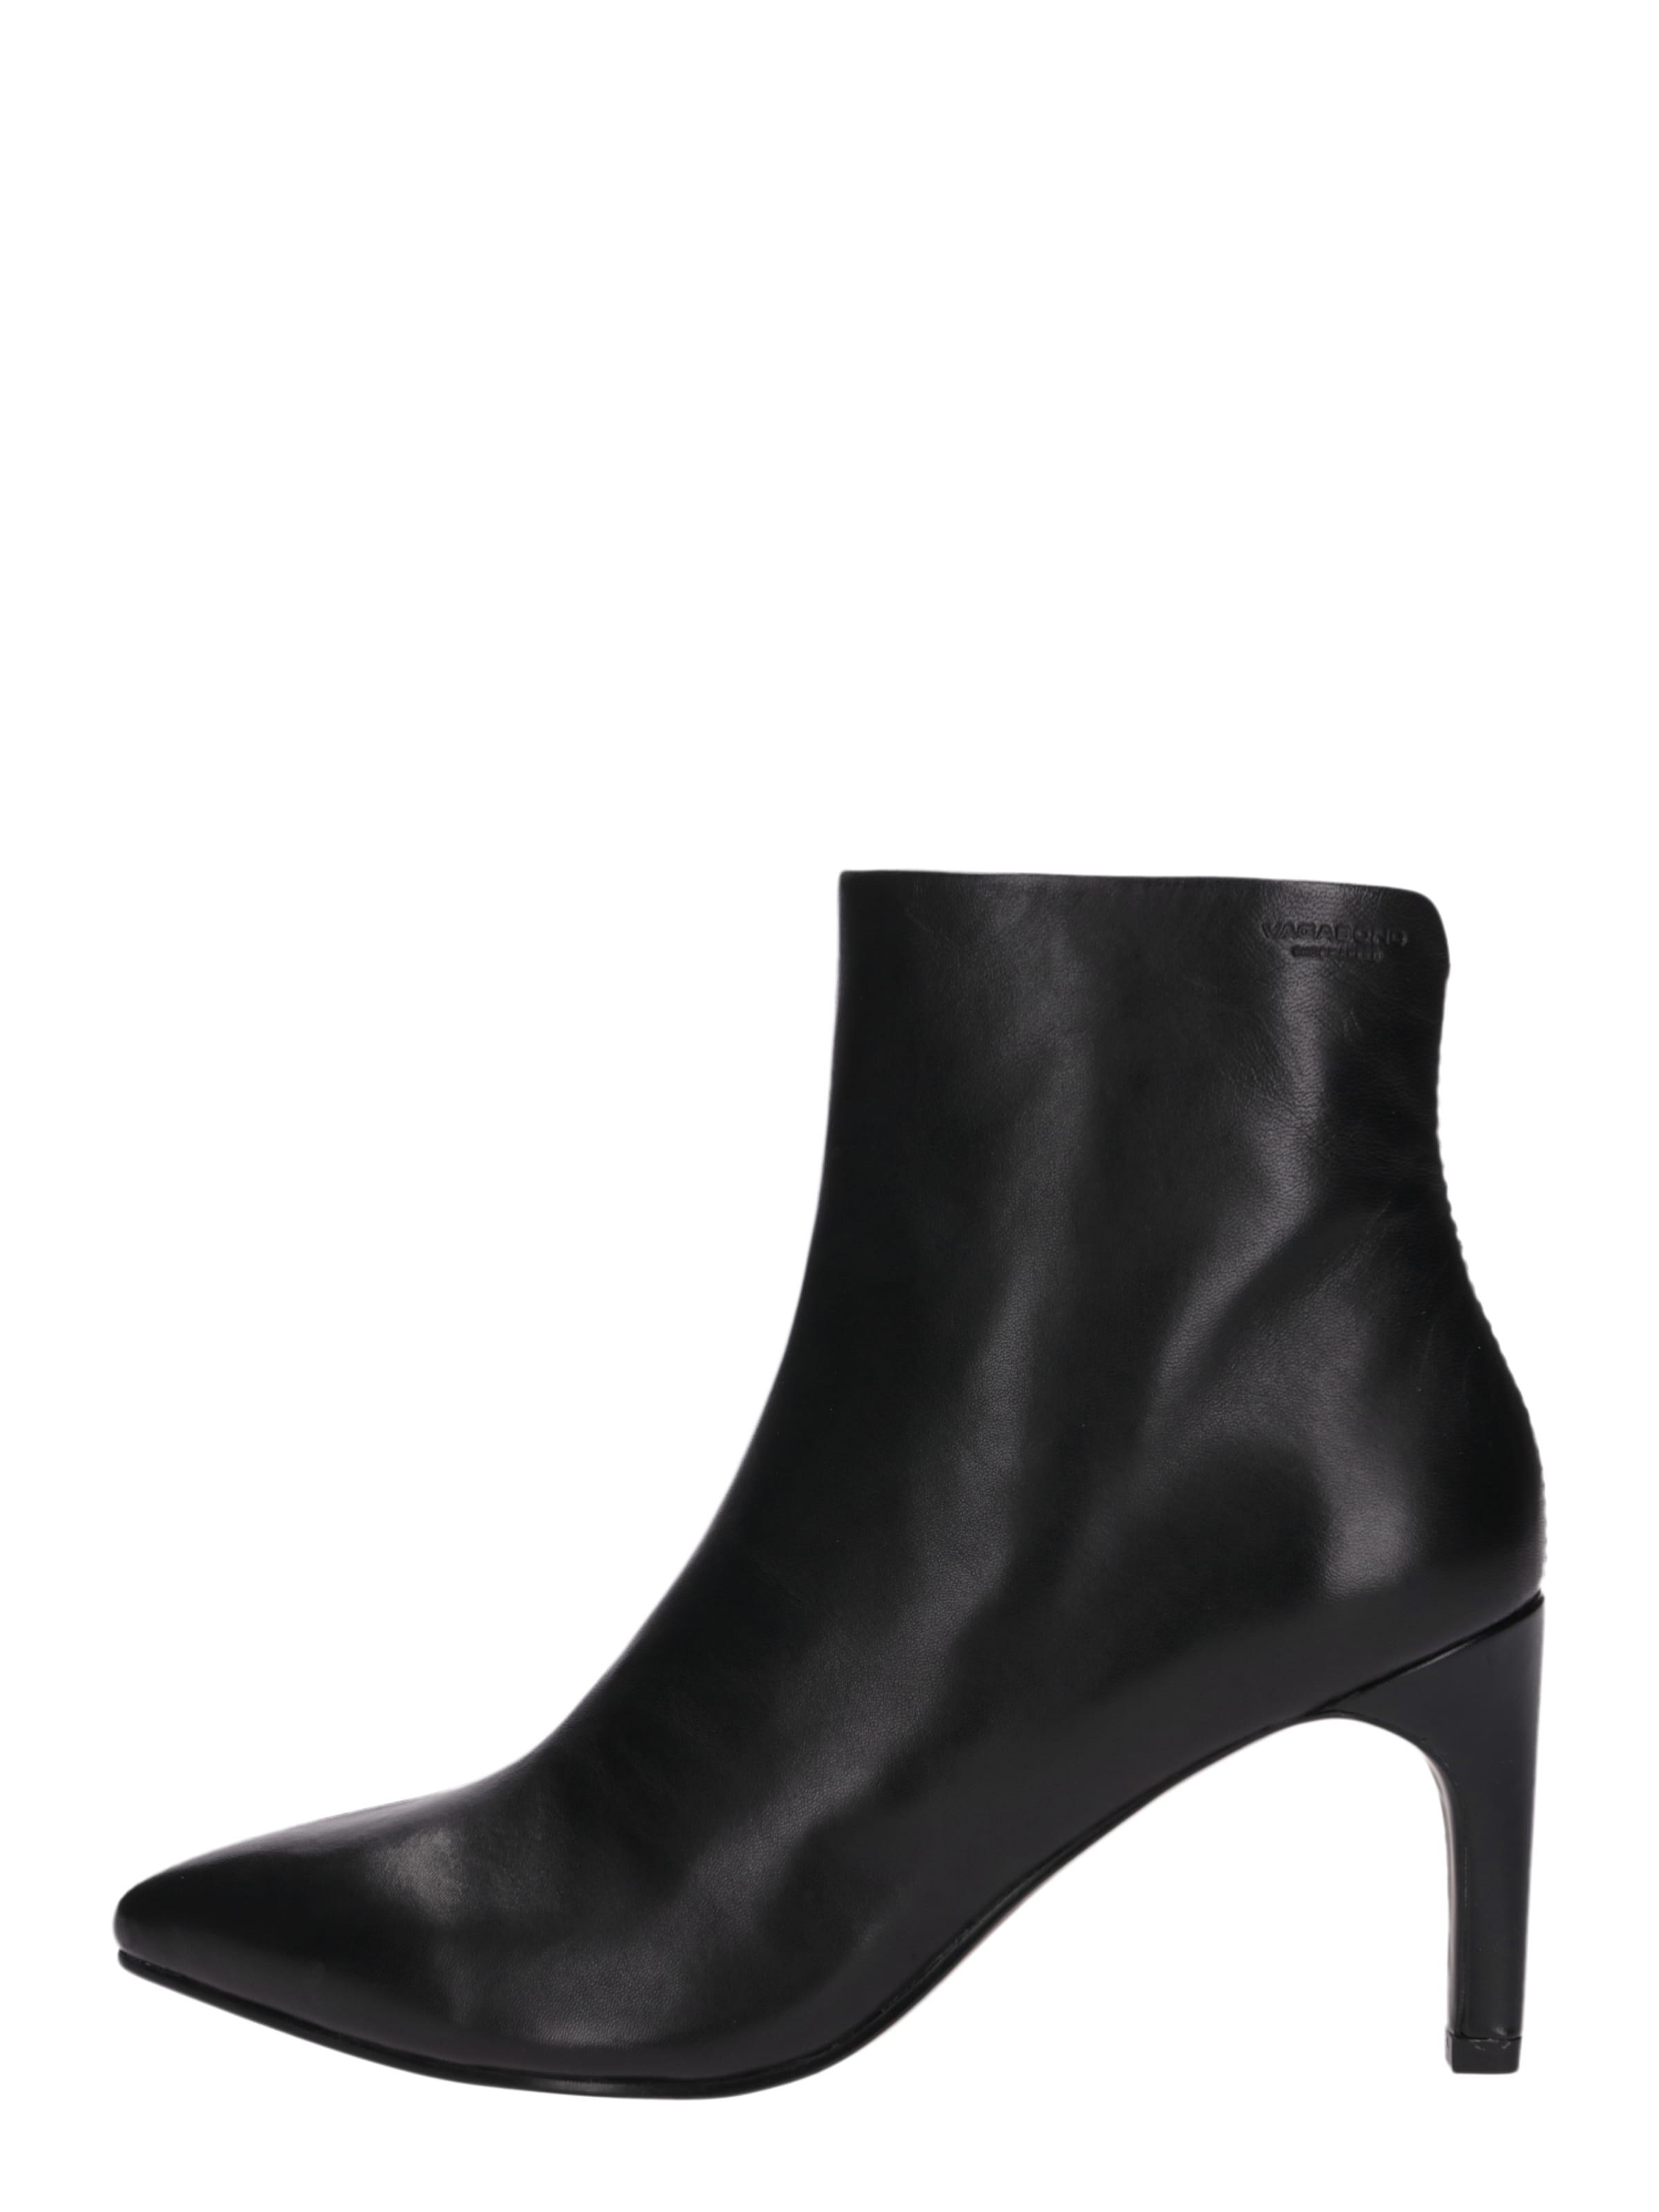 Vagabond Vagabond In Stiefeletten Shoemakers Shoemakers Stiefeletten Schwarz yb6f7g